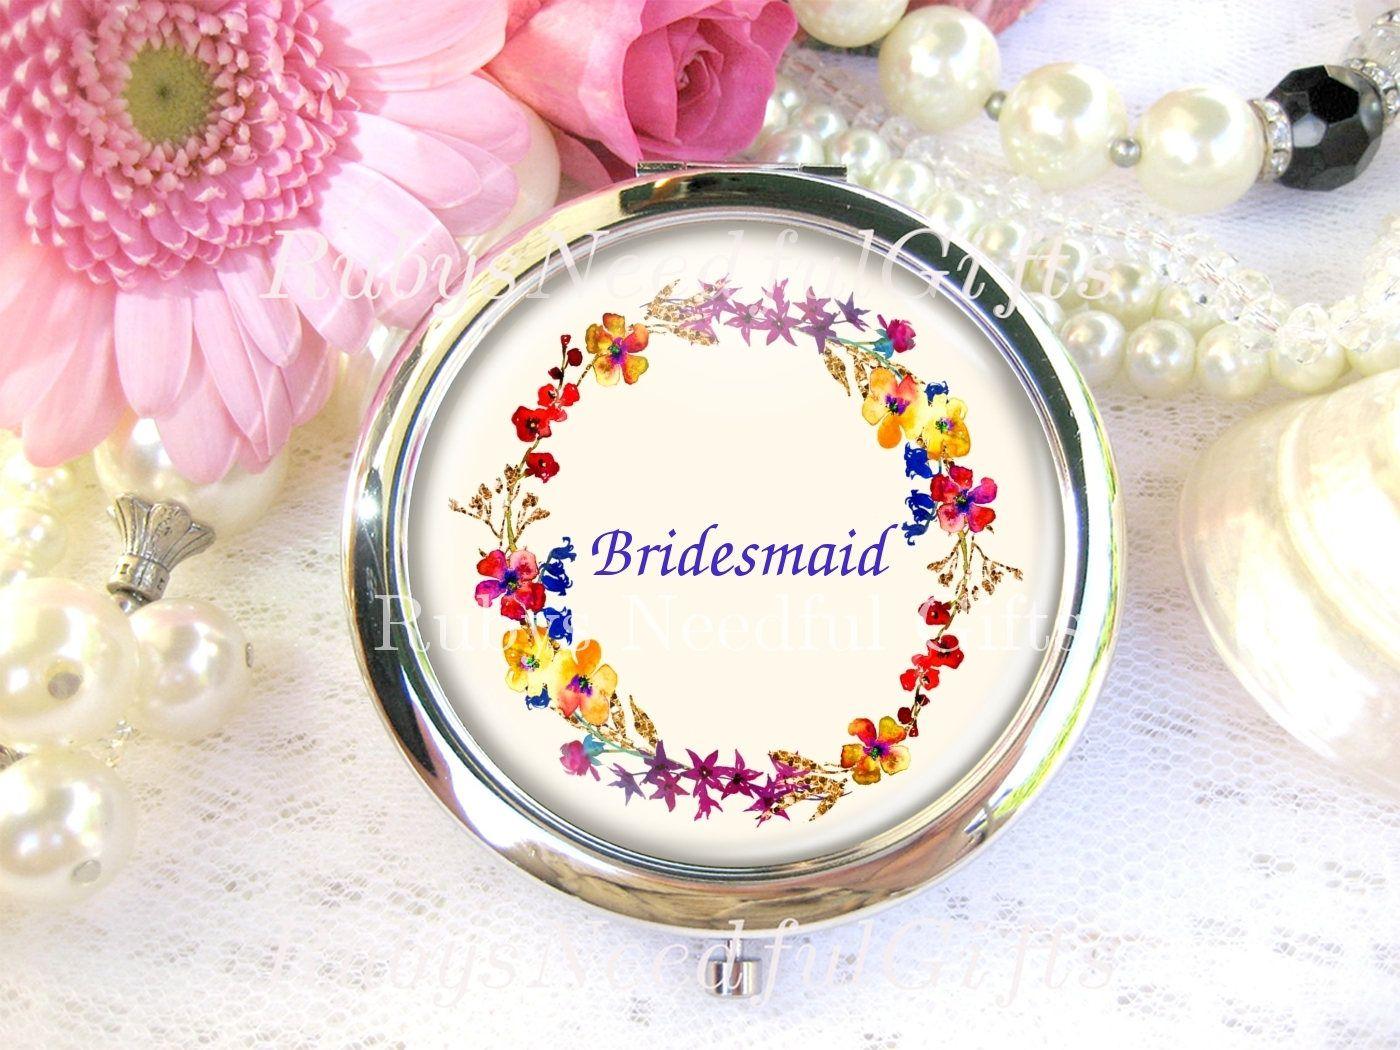 Silver Compact Mirror, cosmetic, handbag or purse mirror ...